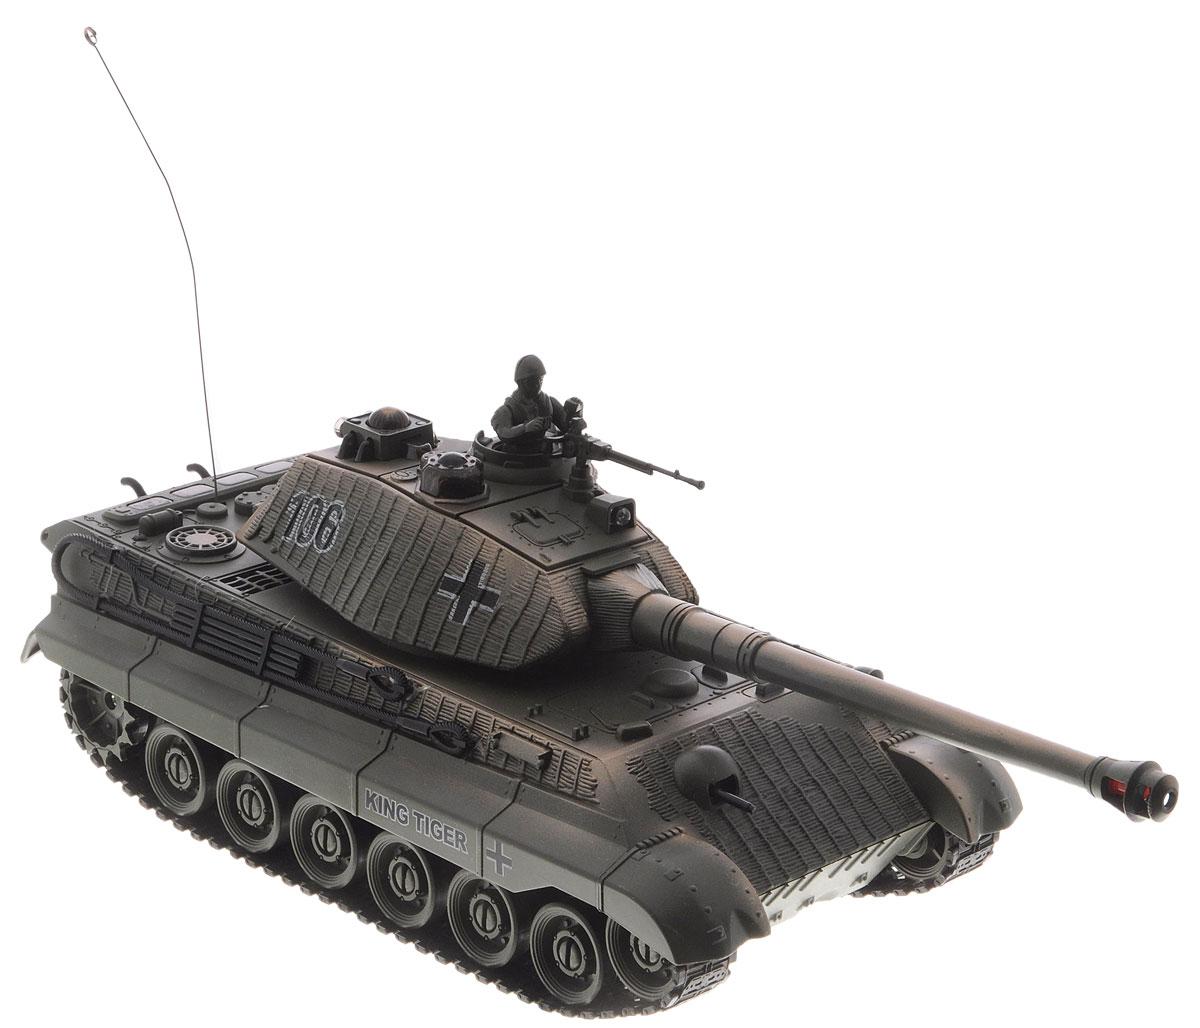 Balbi Танк на радиоуправлении The King Tiger - Радиоуправляемые игрушки